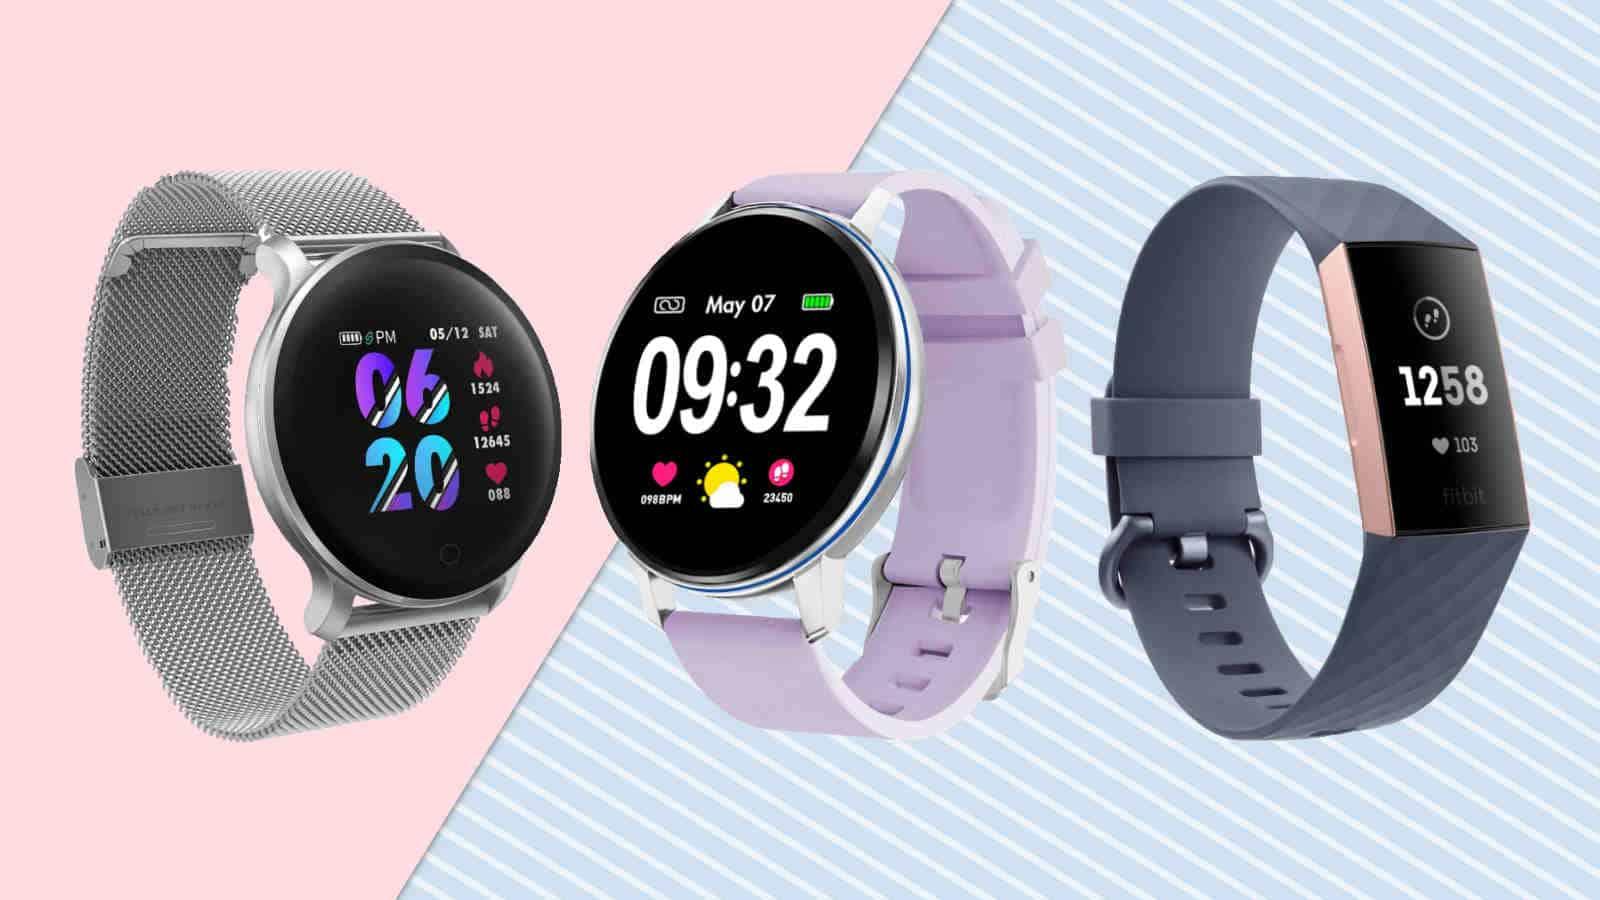 Fitness-Uhr für Damen Vergleich- Die 9 besten für Frauen 2020